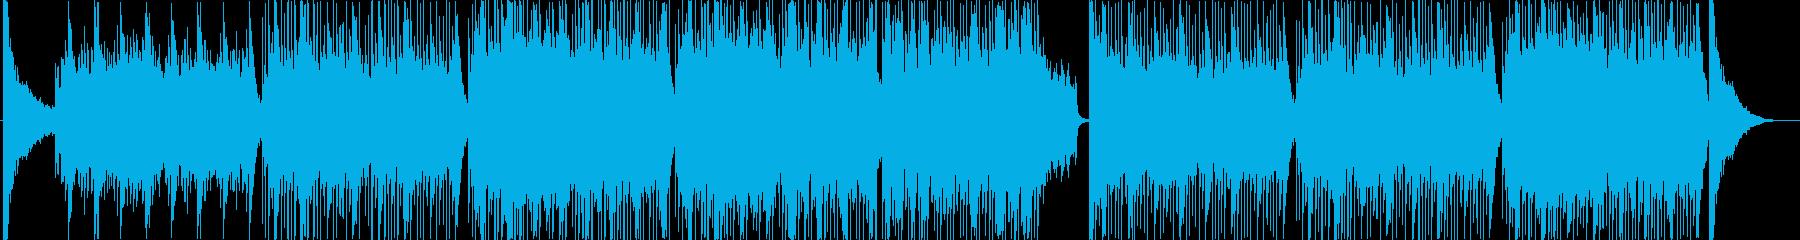 暗くダークなイメージの楽曲です。誰もい…の再生済みの波形